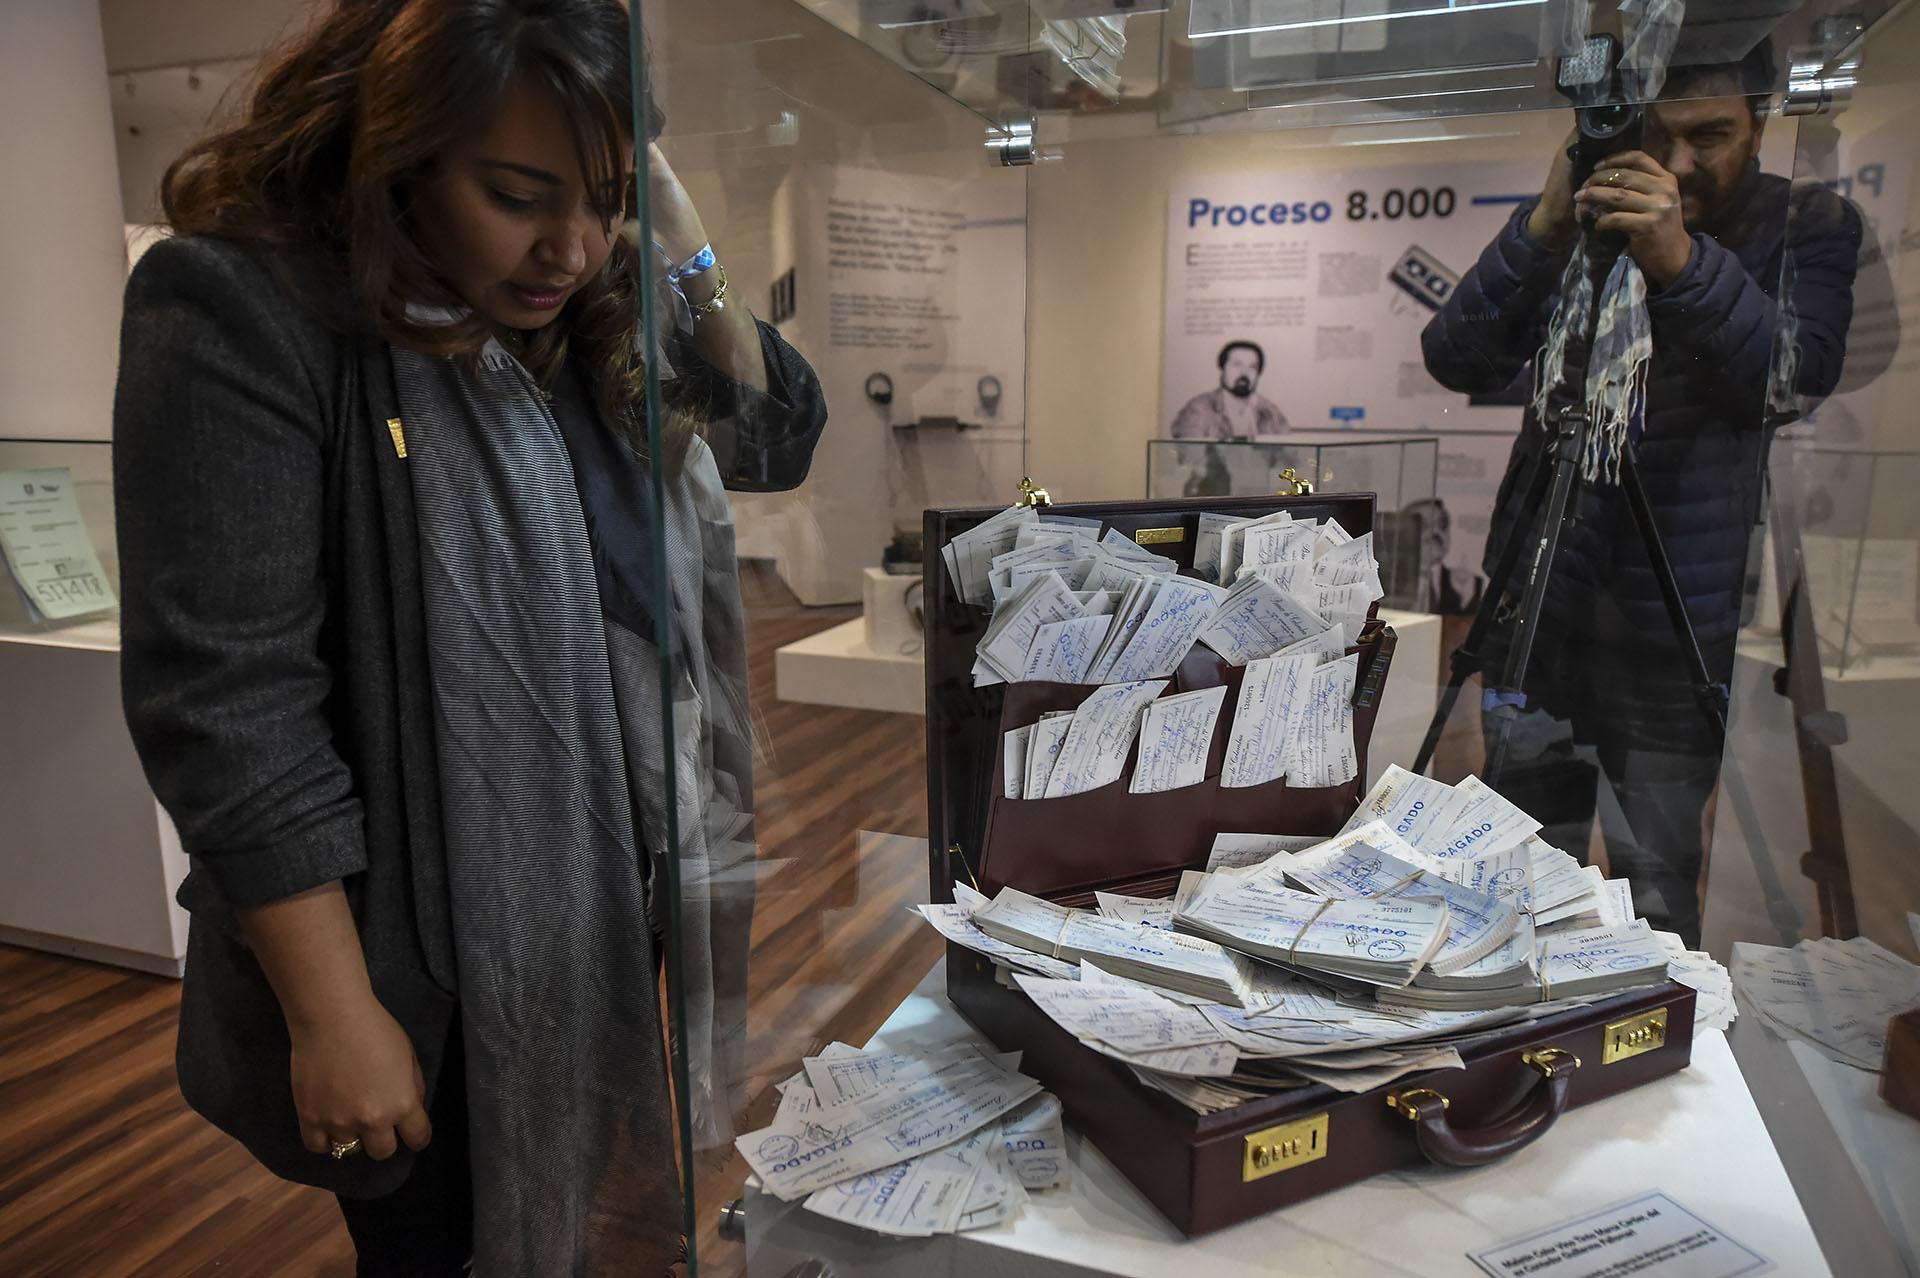 El maletín de Guillermo Pallomari, ex contador del Cartel de Cali, repleto de cheques pagados a cómplices, policías, políticos y funcionarios judiciales (AFP)